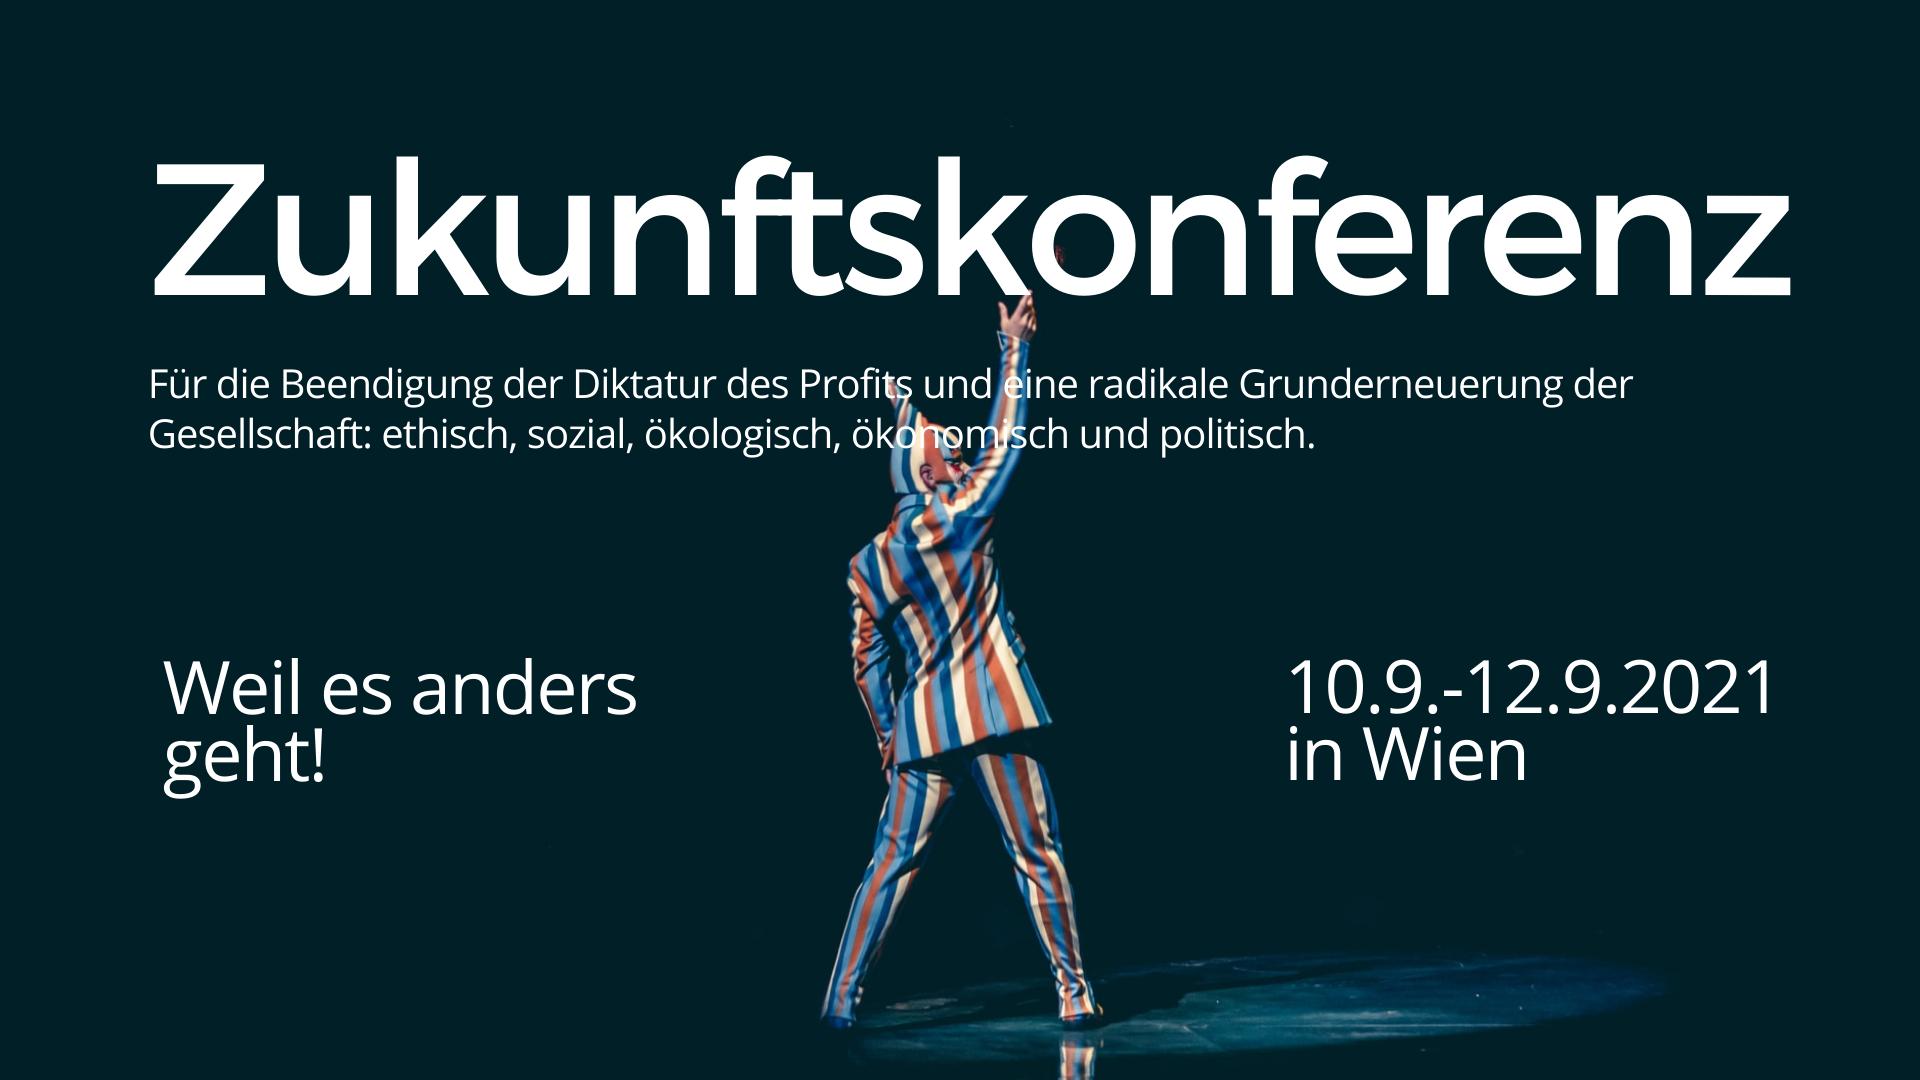 Zukunftskonferenz 2021 in Wien